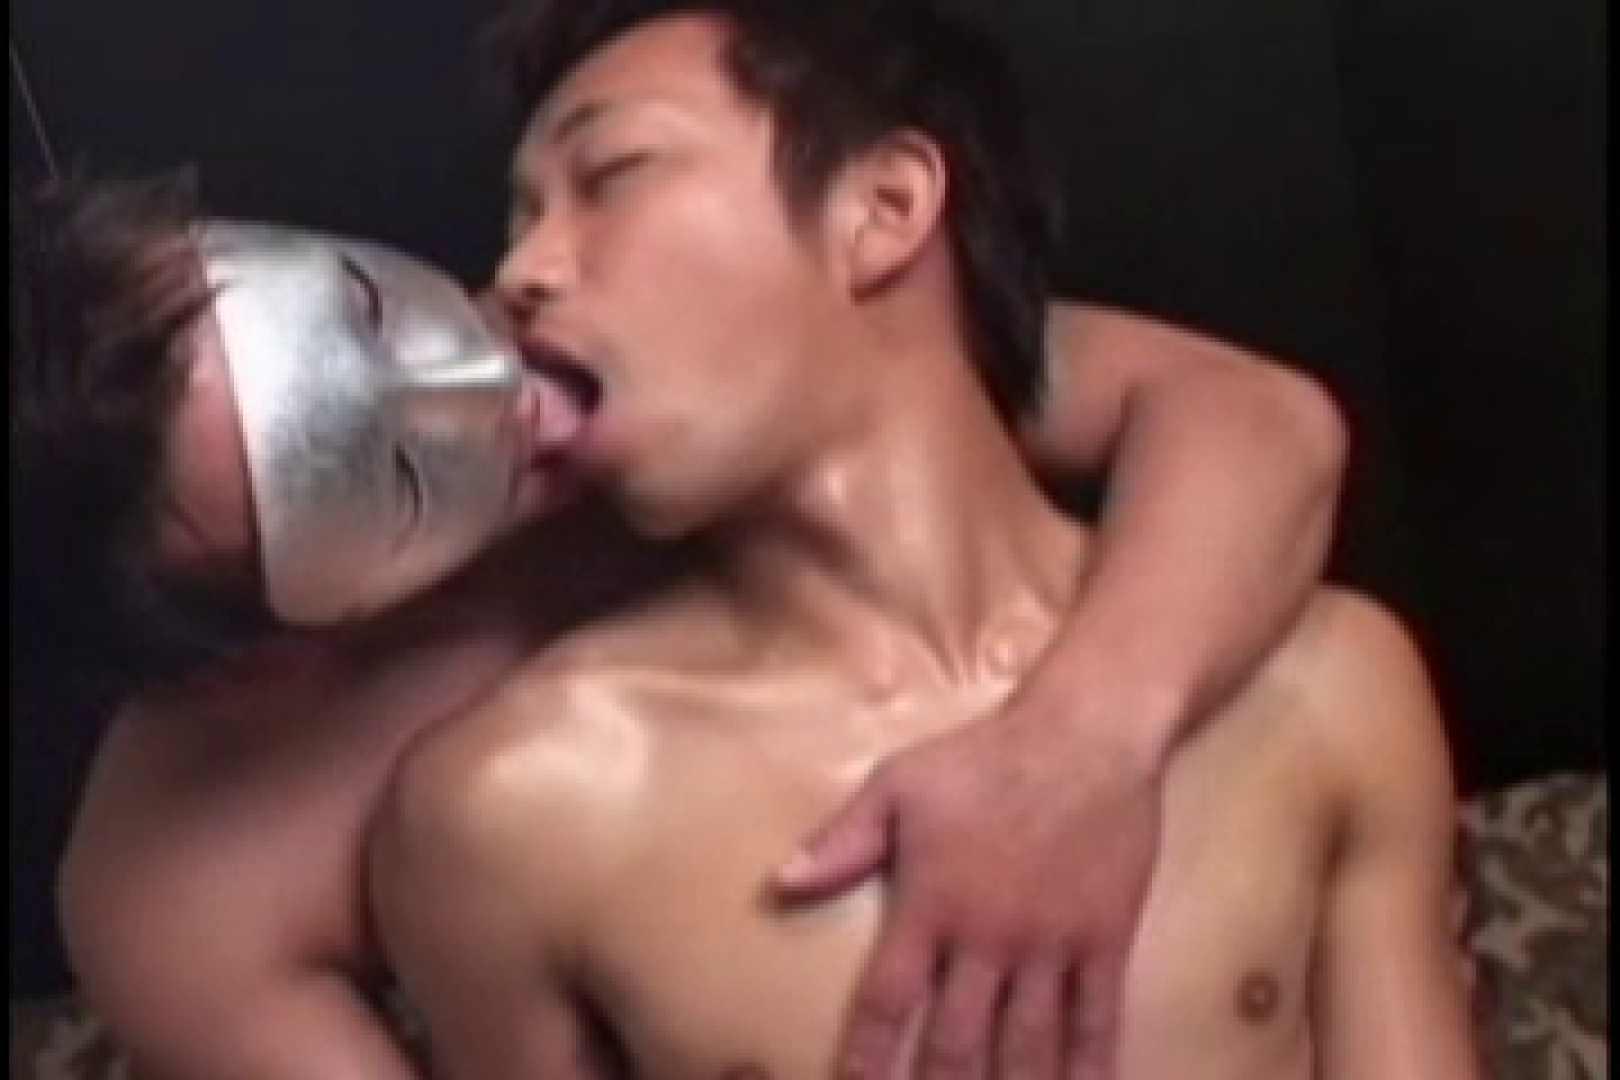 スリ筋!!スポメンのDANKON最高!!take.03 ケツマン  63pic 28